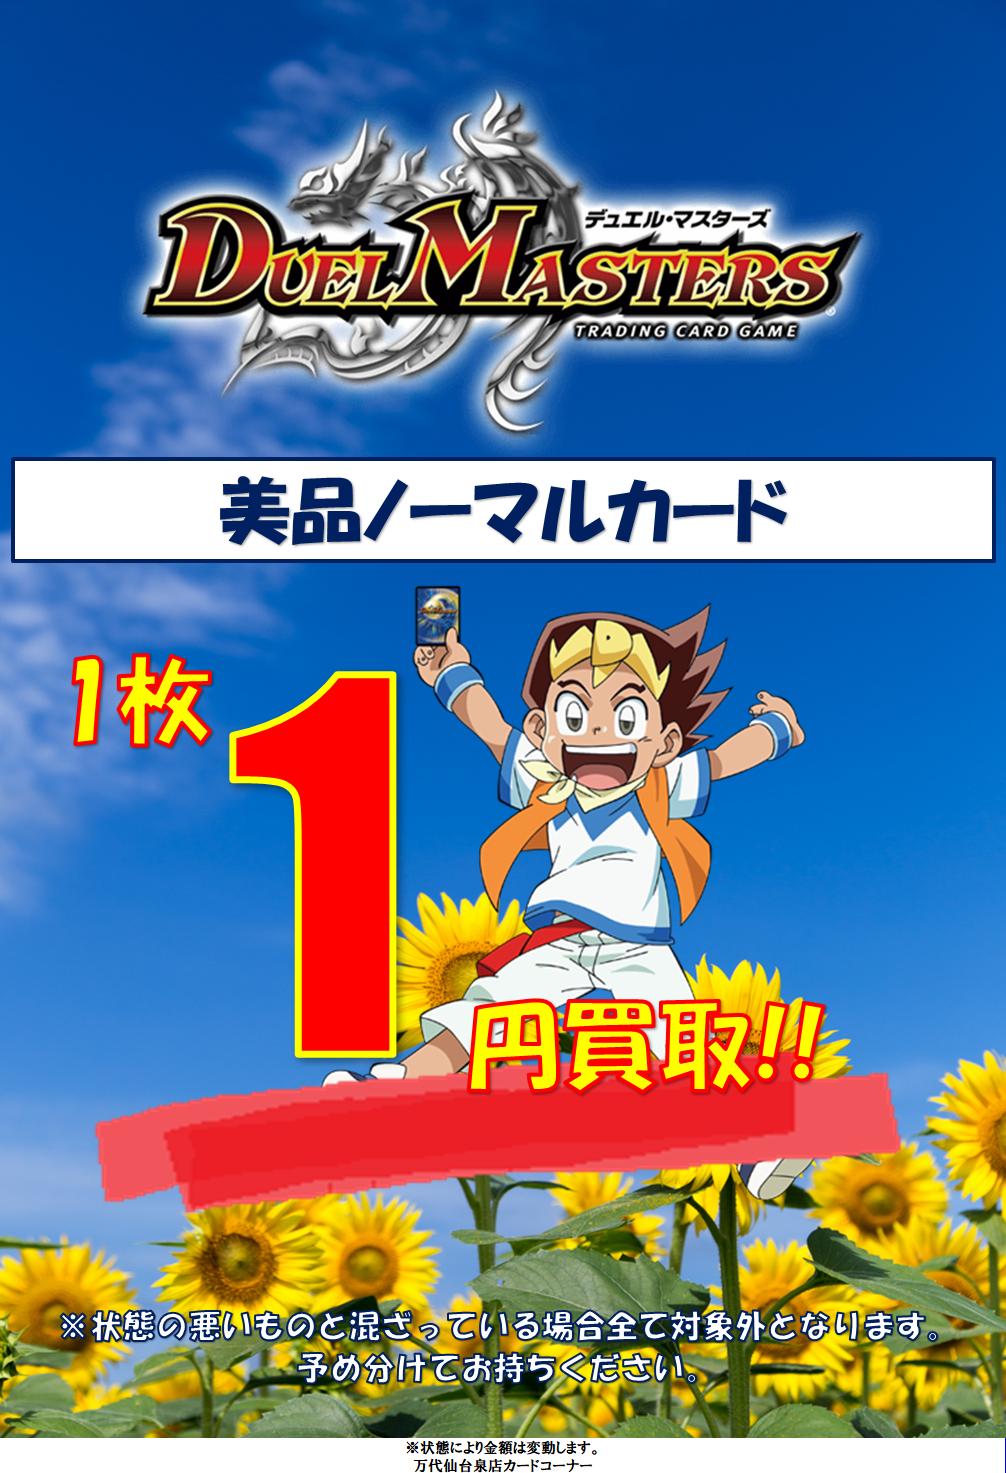 DMN12018